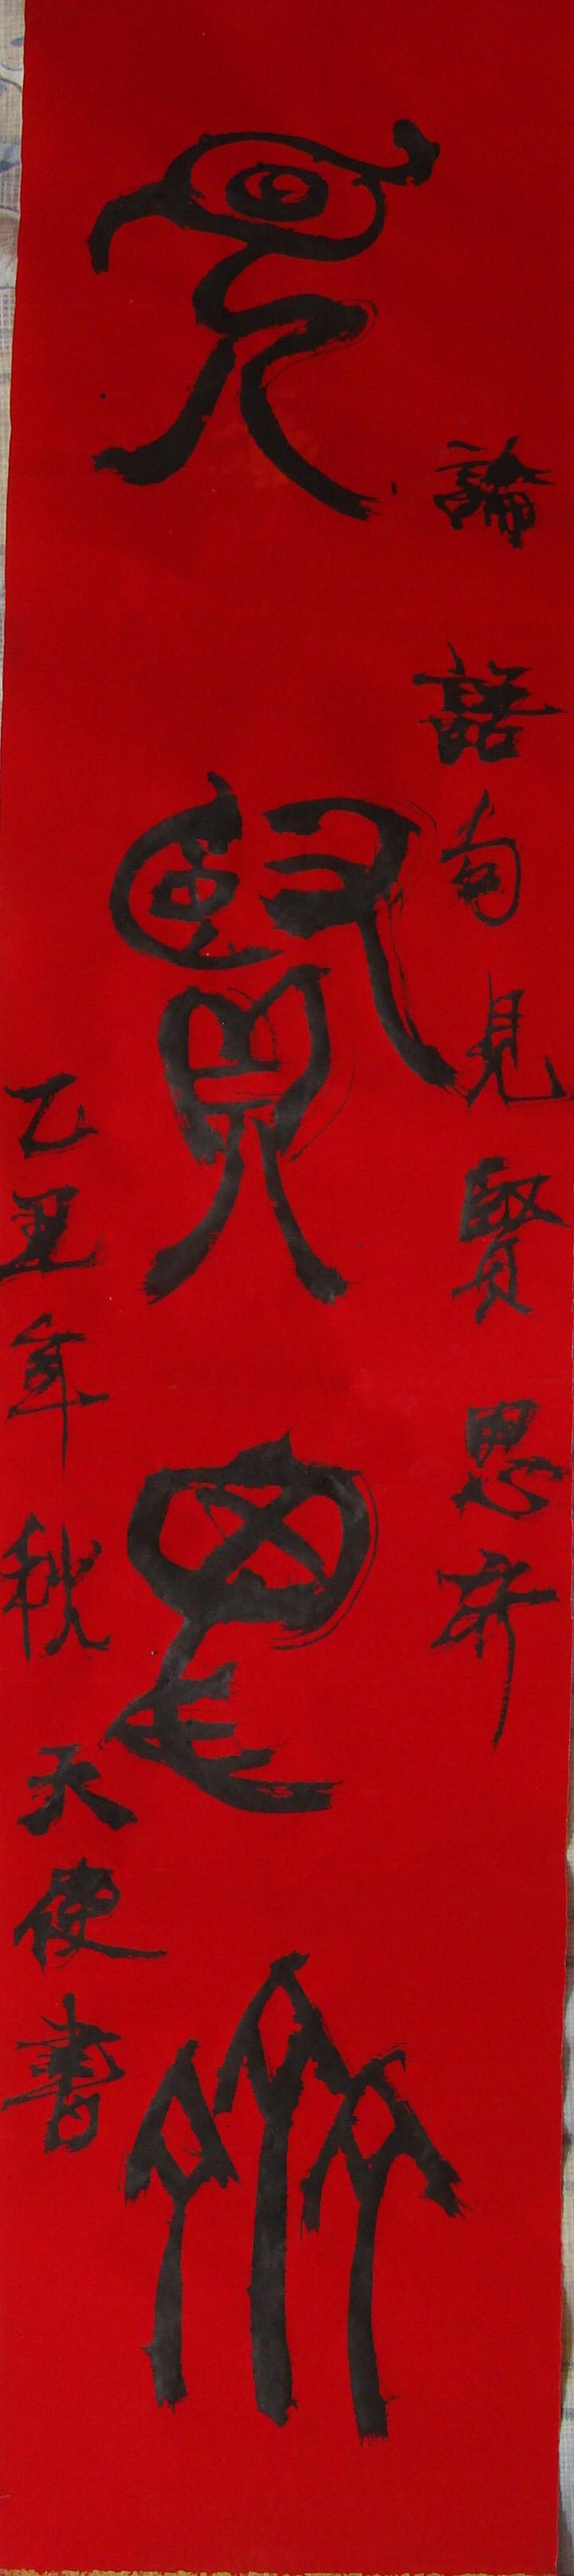 吉祥天使篆书---见贤思齐 - gxw2578535 - gxw2578535的博客